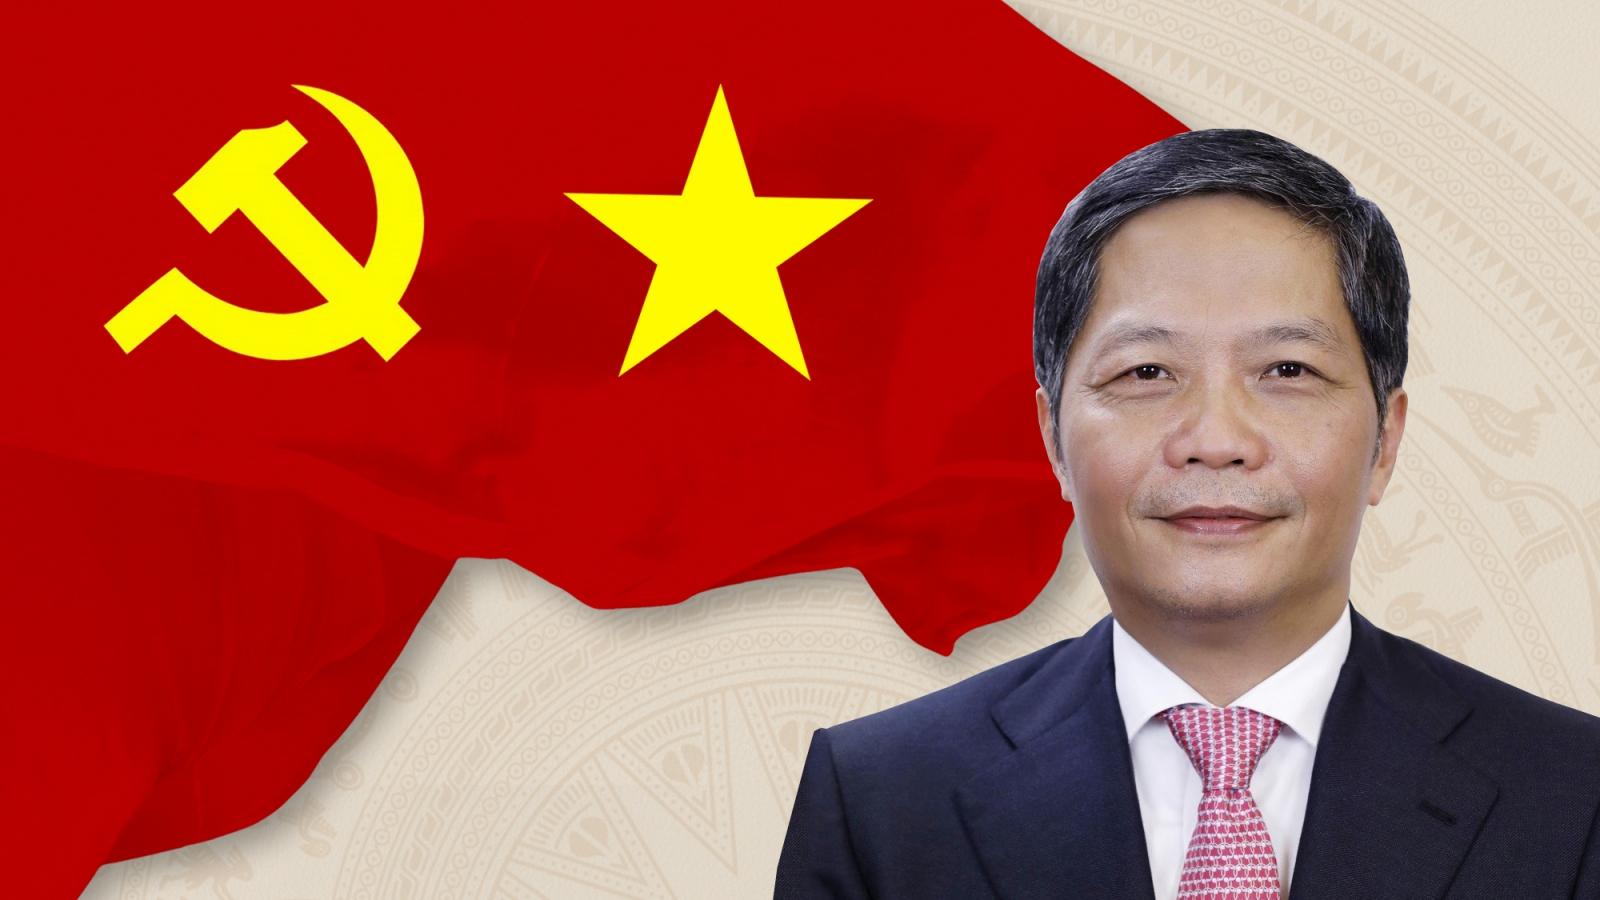 Tiểu sử ông Trần Tuấn Anh - Ủy viên Bộ Chính trị, Trưởng Ban Kinh tế Trung ương khóa XIII